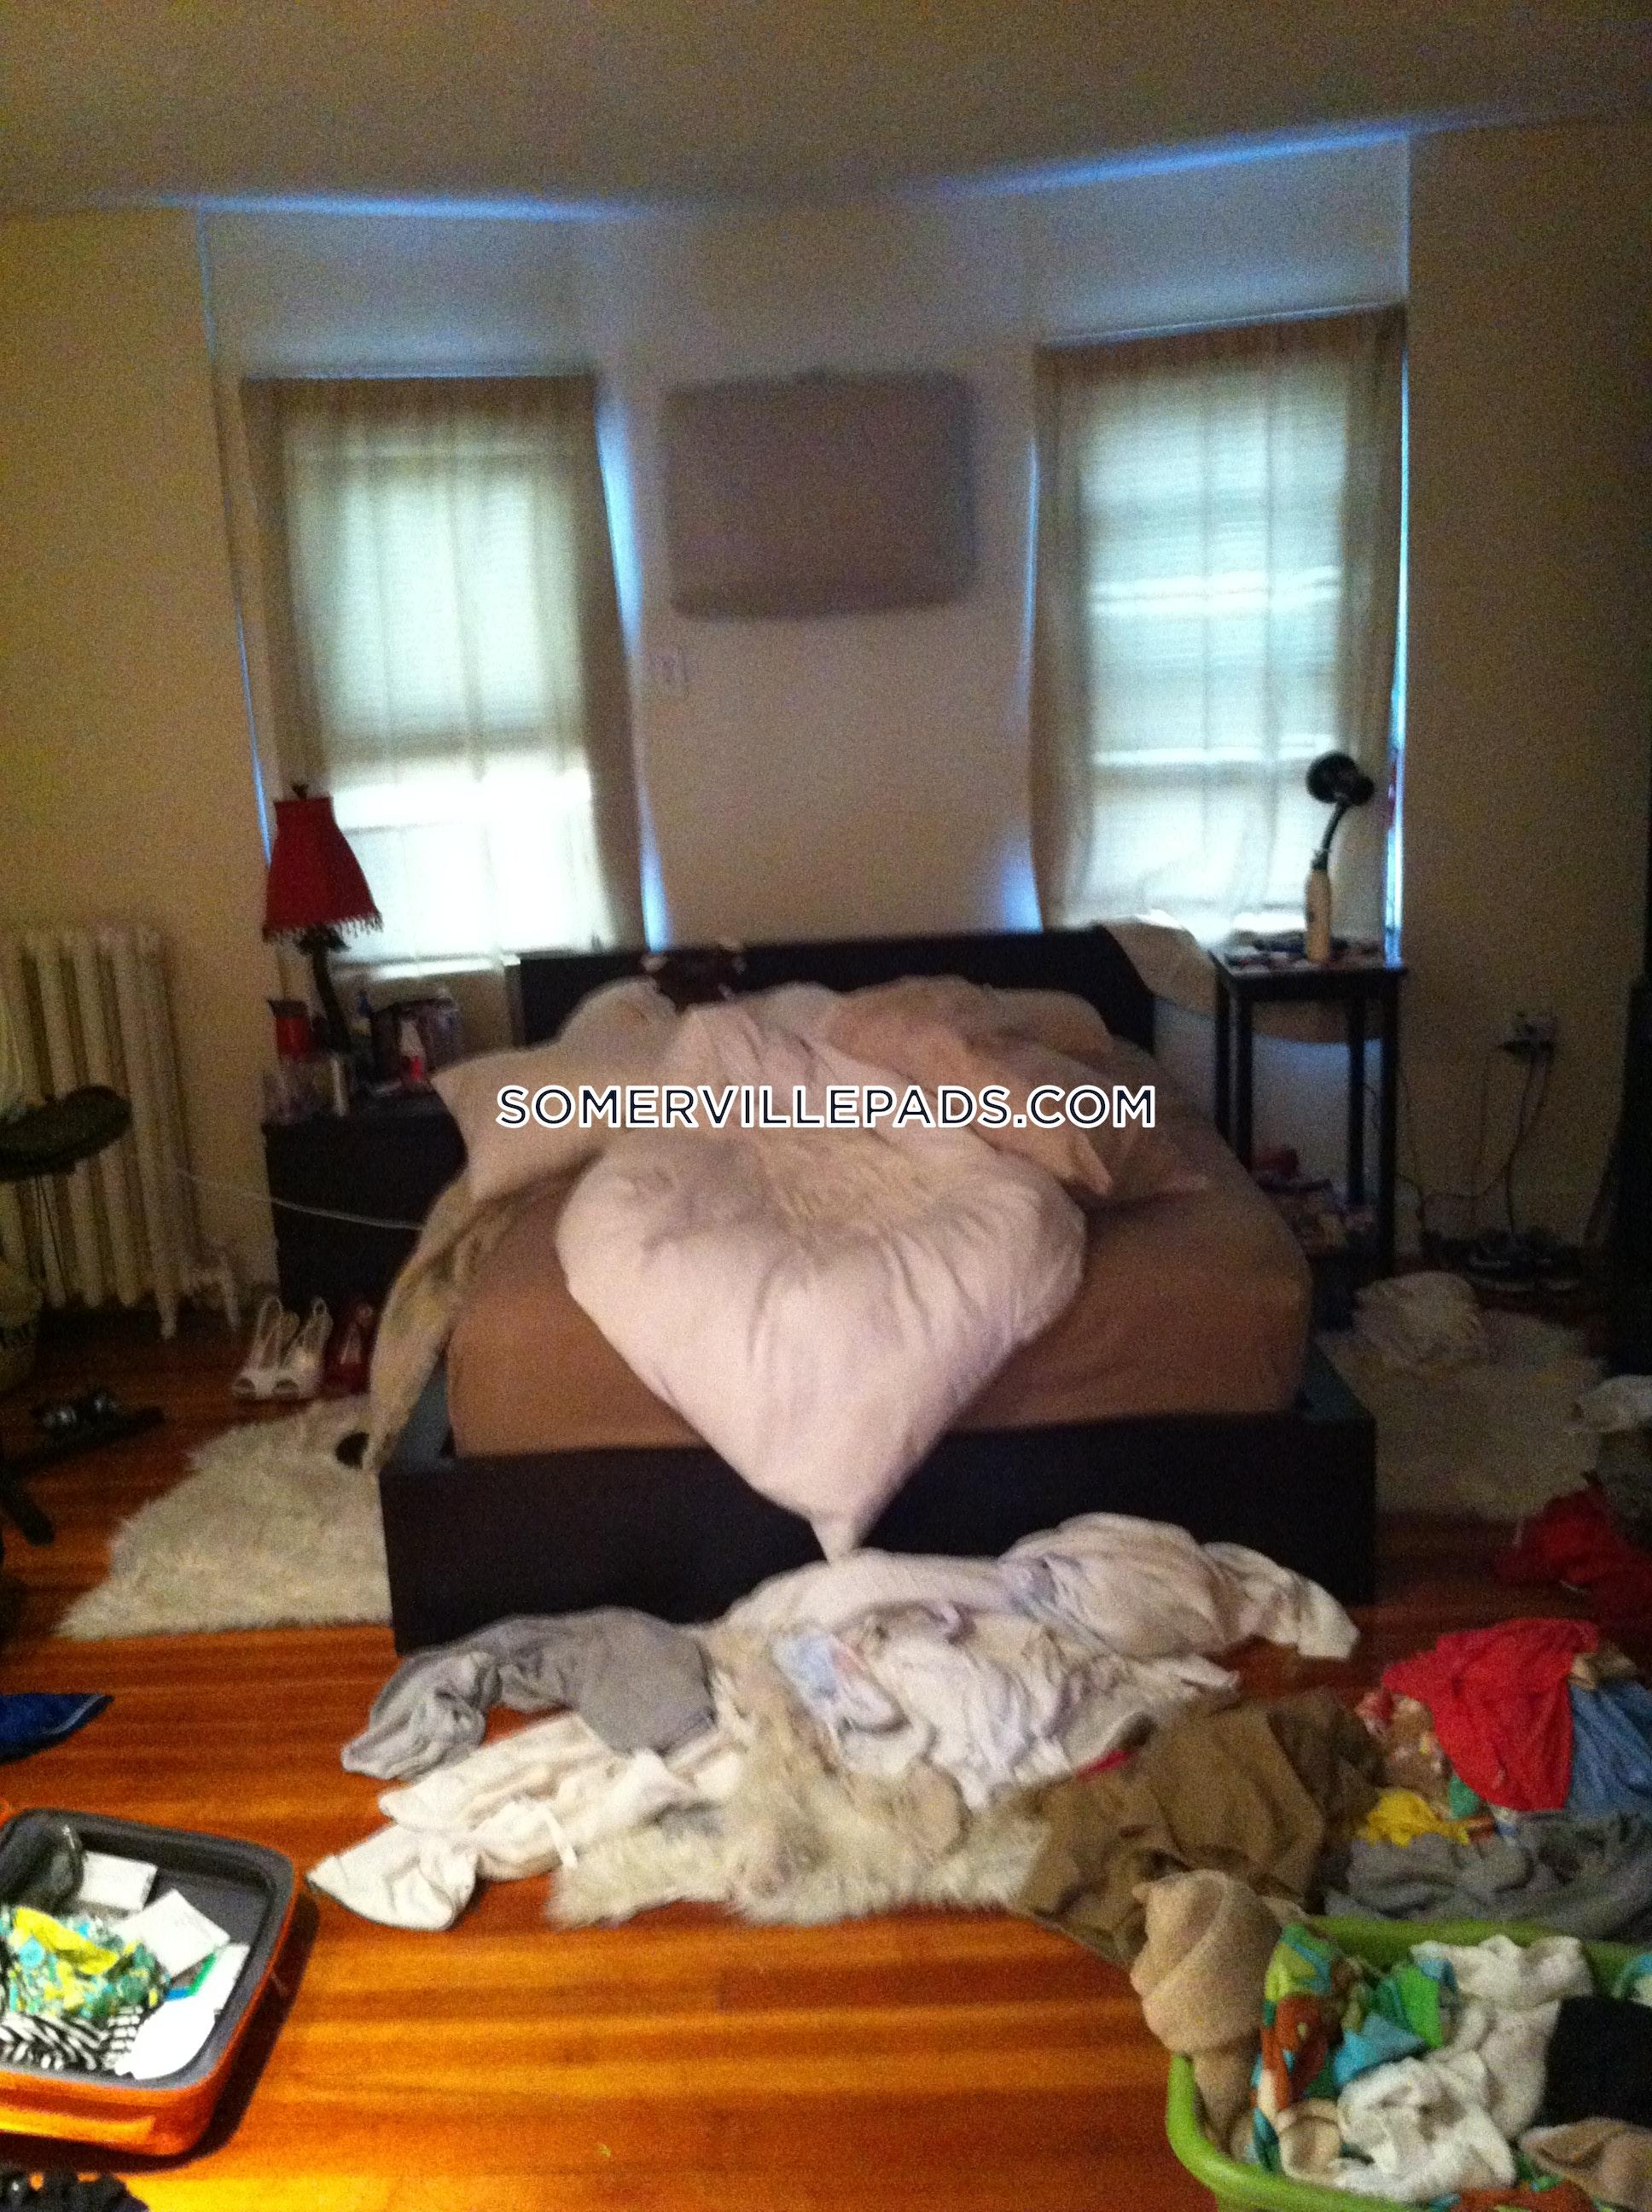 3-beds-1-bath-somerville-winter-hill-2985-82227